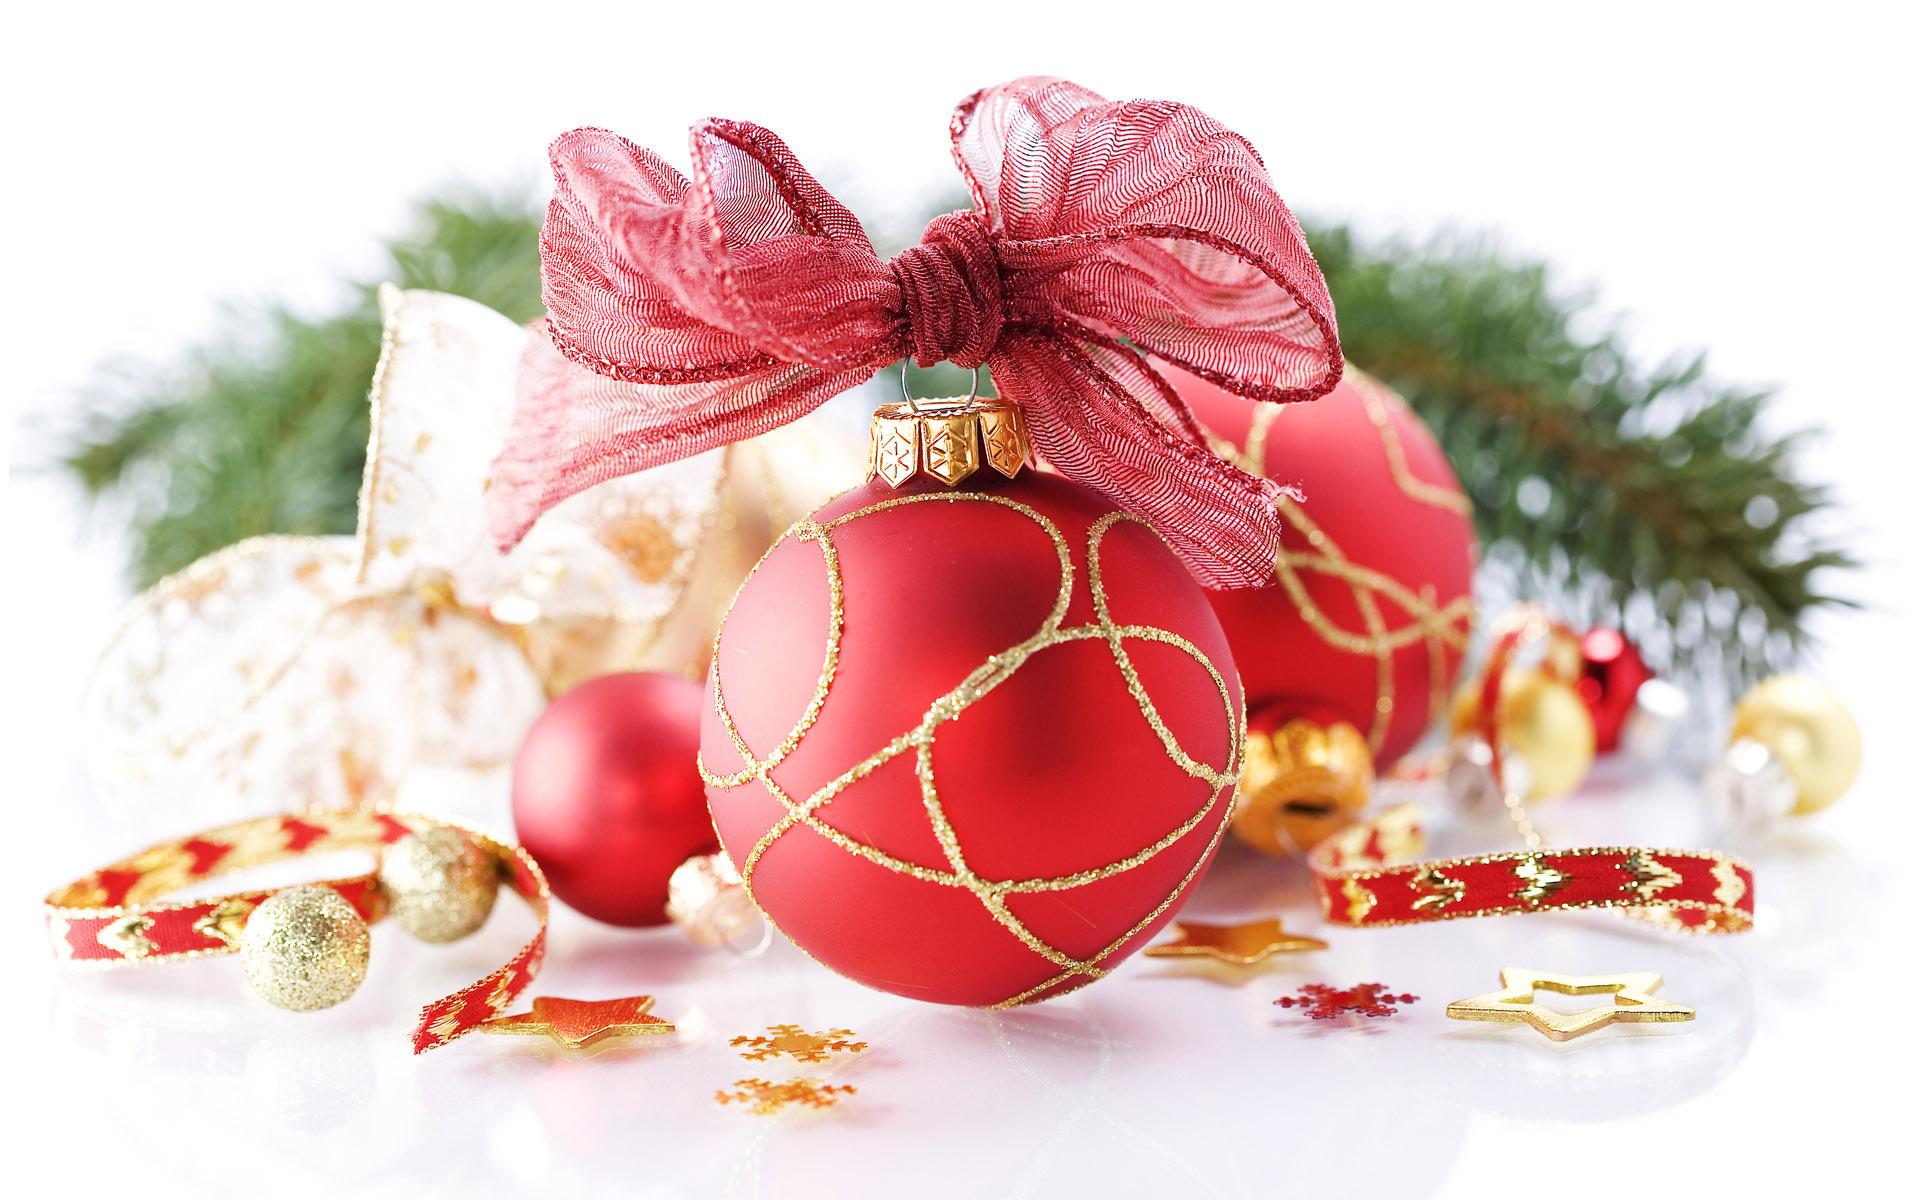 14116 скачать обои Праздники, Новый Год (New Year), Игрушки, Рождество (Christmas, Xmas) - заставки и картинки бесплатно